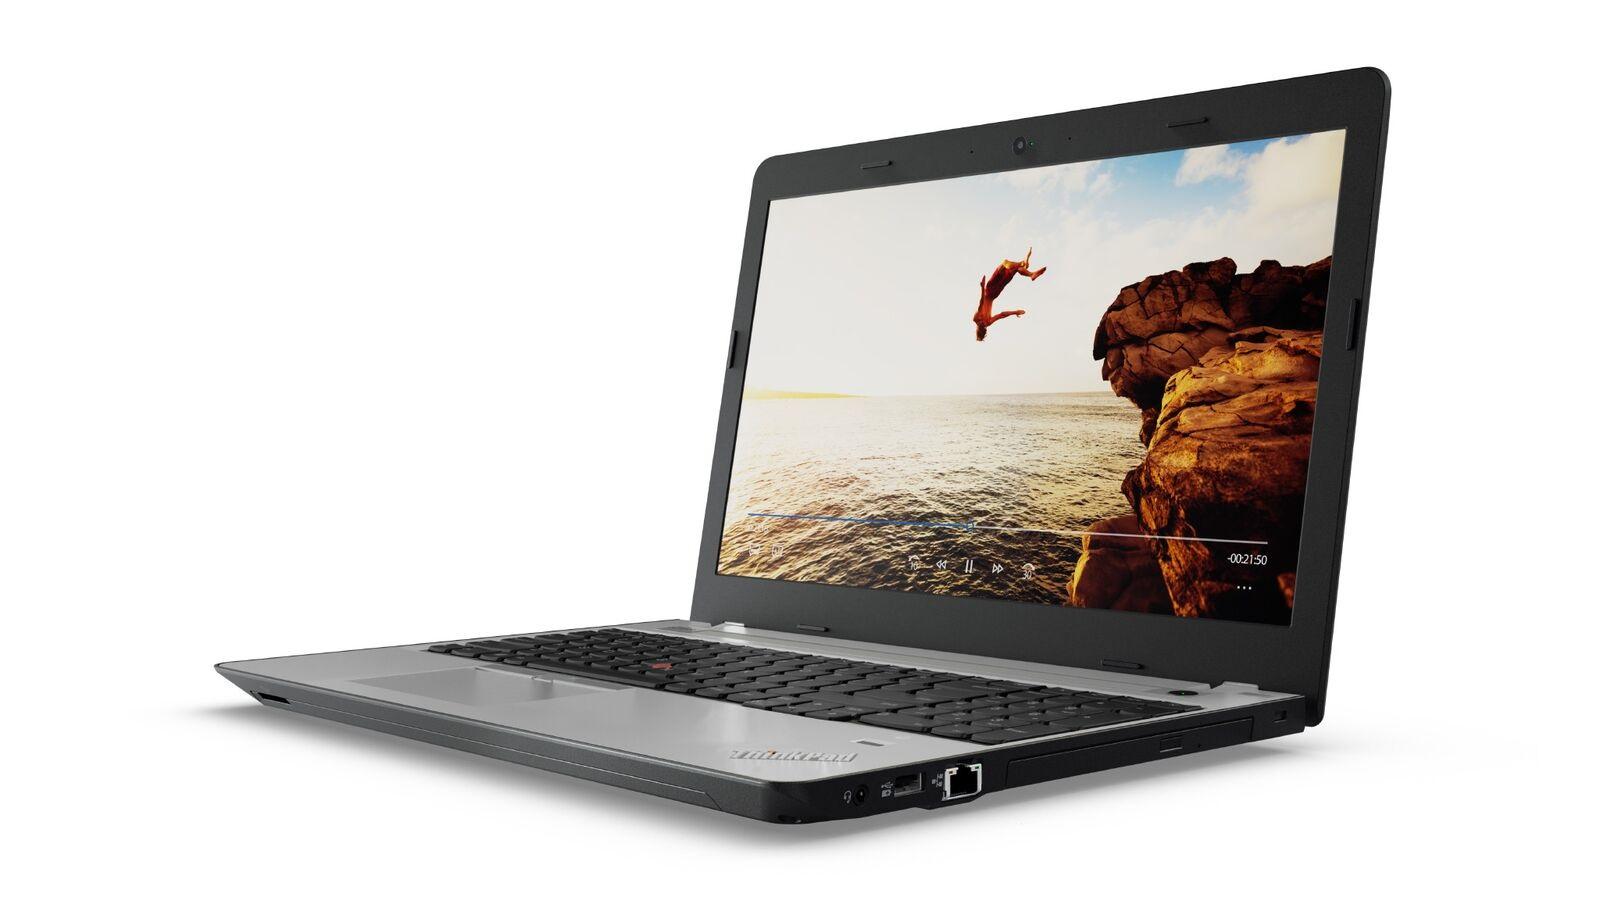 """Lenovo ThinkPad E570 i7-7500U/8GB/1TB-5400/DVD±RW/GeForce GTX 950MX 2GB/15,6""""FHD matný/Win10PRO černo-stříbrný"""